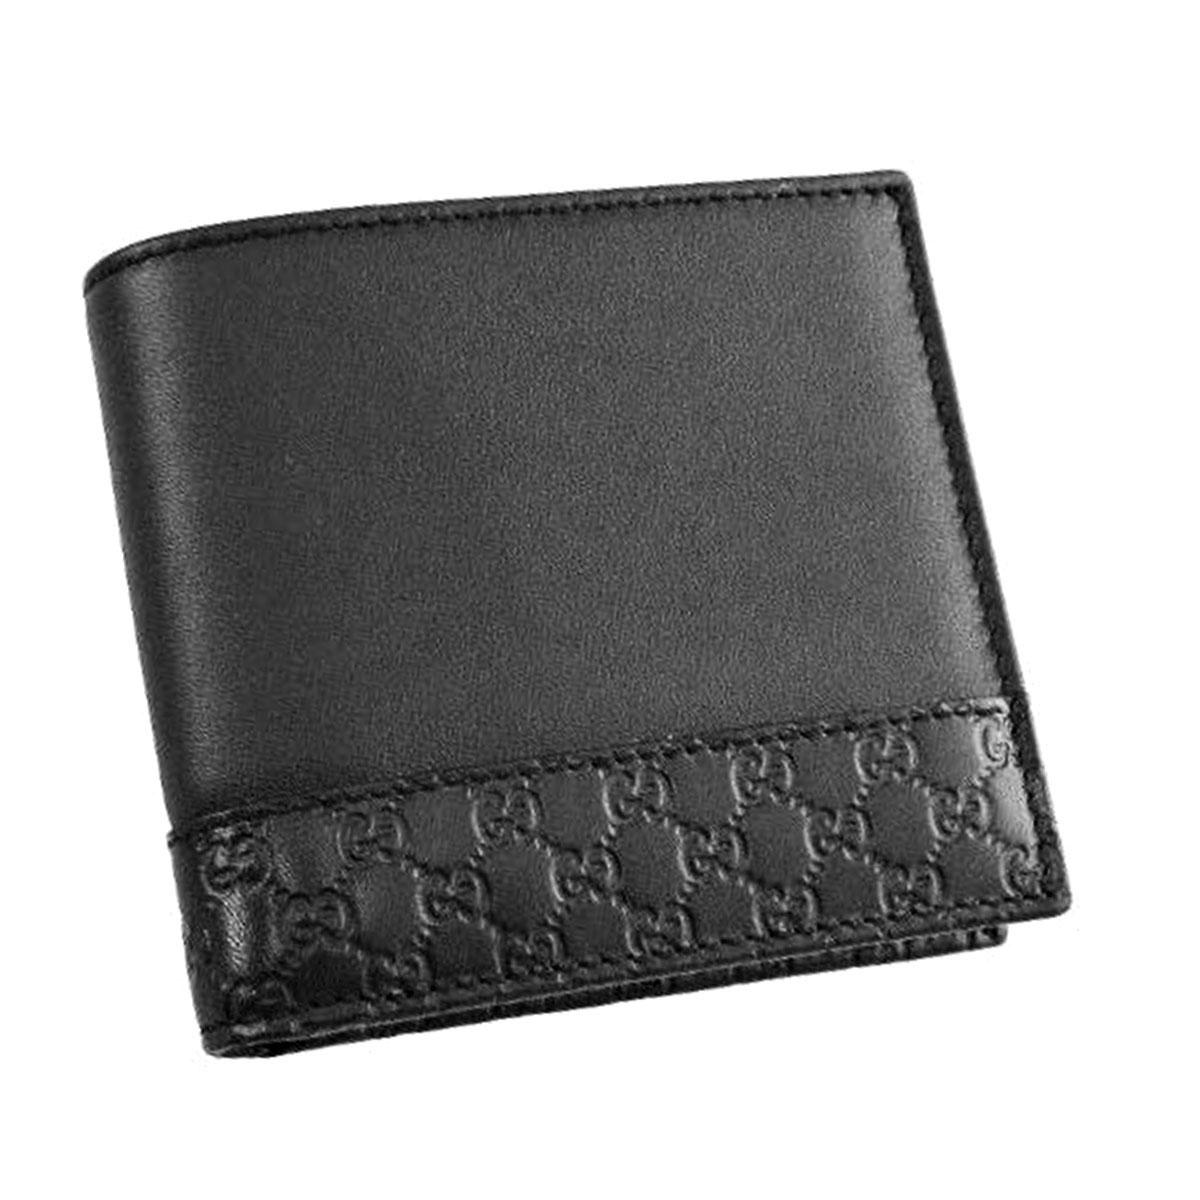 グッチ GUCCI 財布 256418 A8WQN 1000 グッチ シグネチャー レザー 小銭入れ付き 二つ折り財布 ブラック